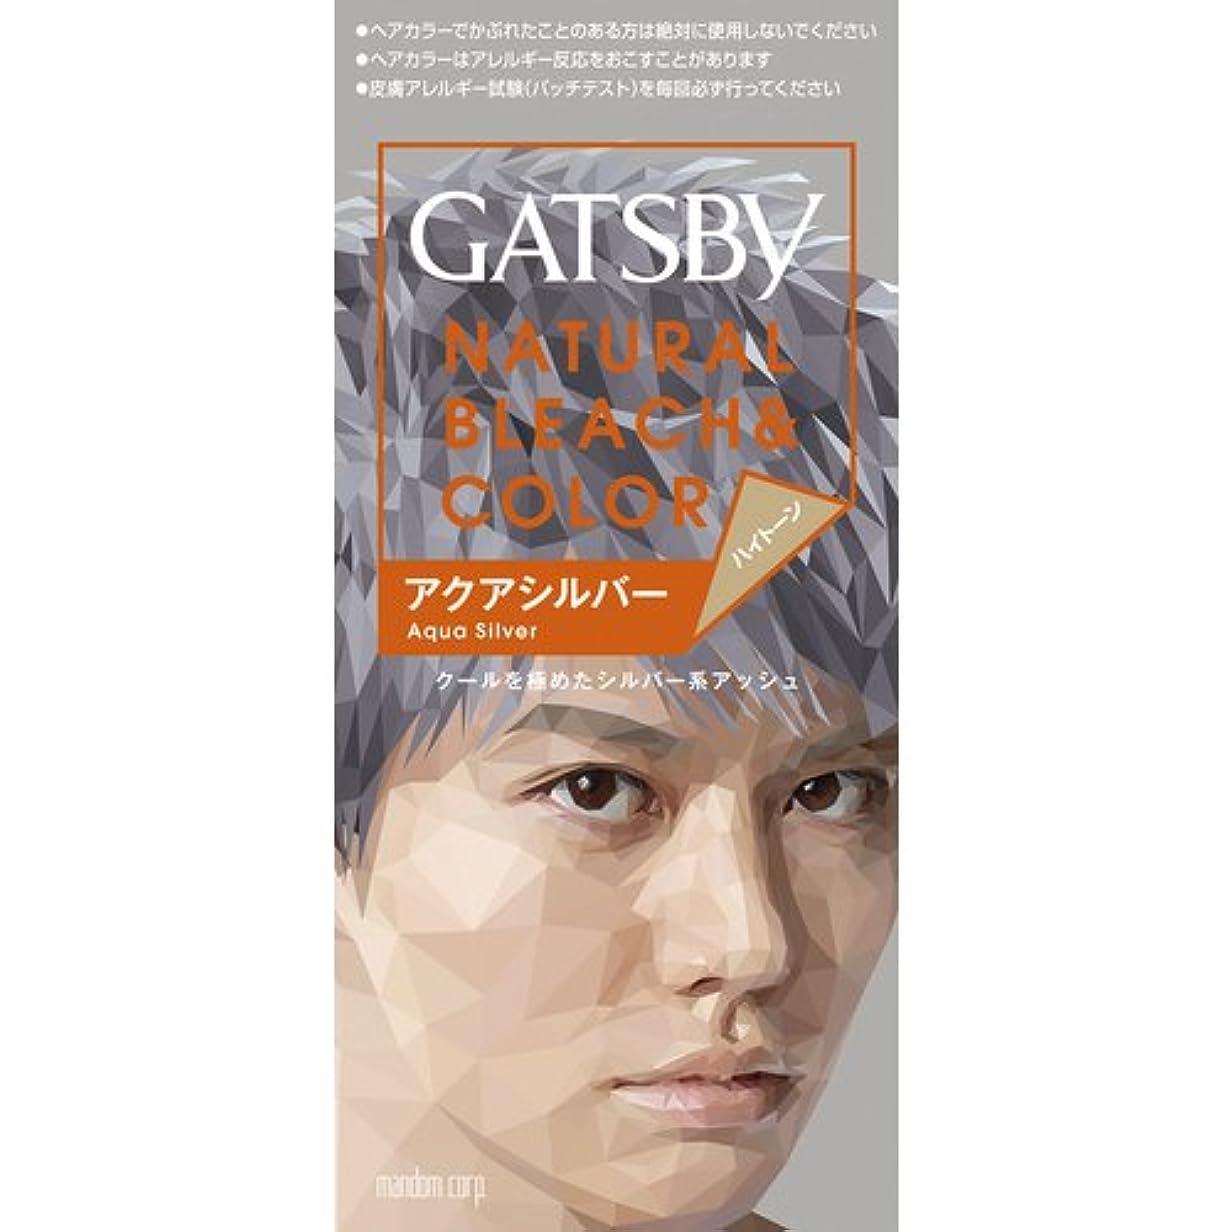 調査公爵時計回りギャツビー(GATSBY) ナチュラルブリーチカラー アクアシルバー 35g+70ml [医薬部外品]